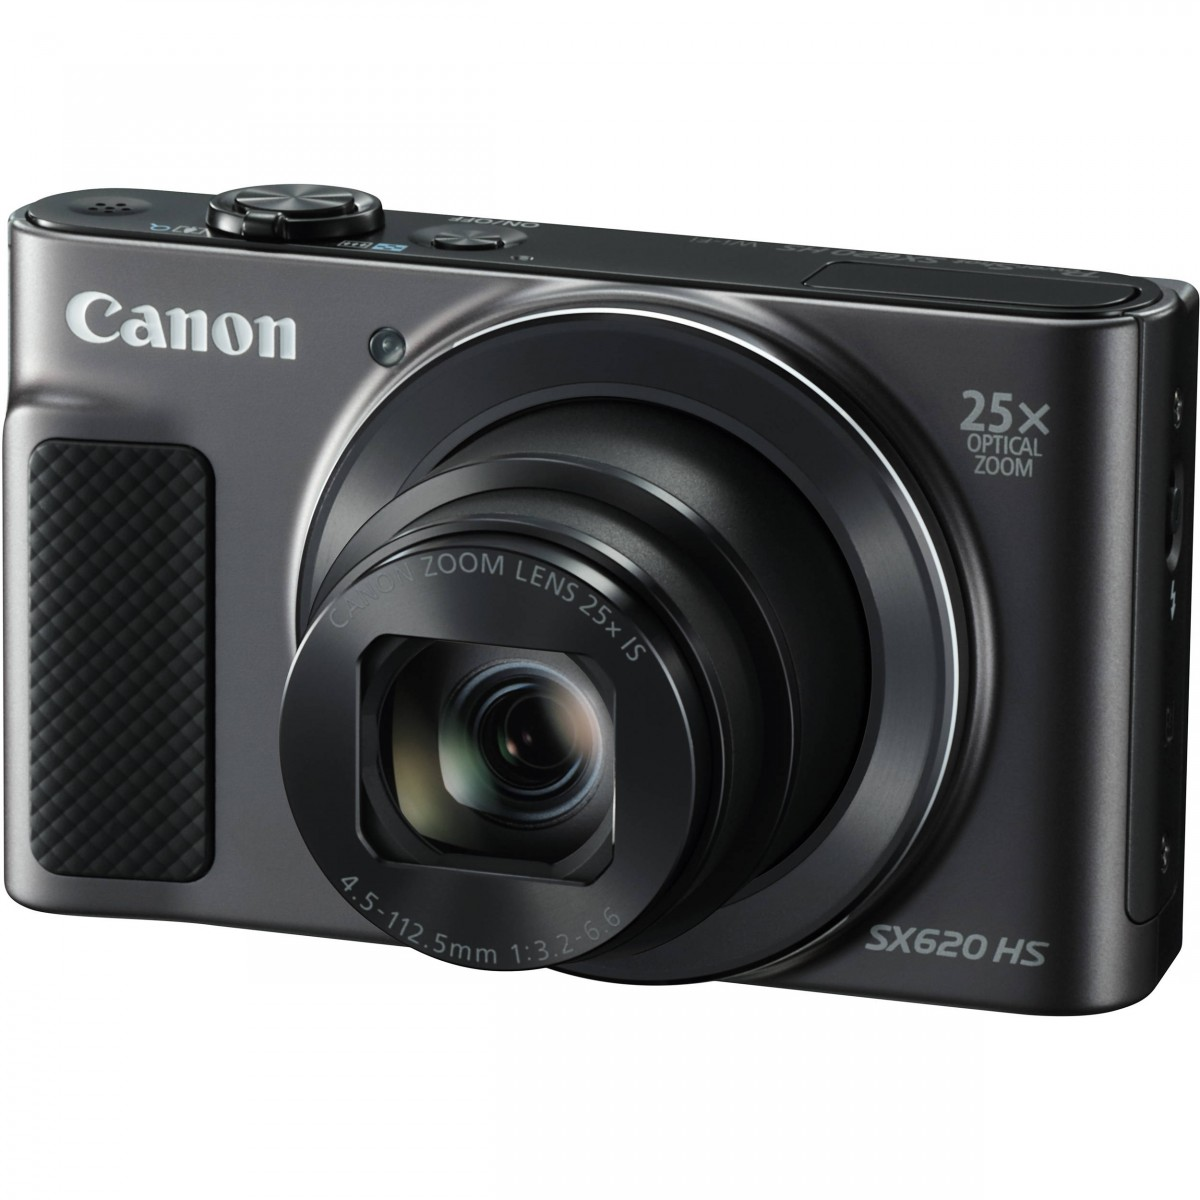 canon_1072c001_powershot_sx620_hs_digital_1251151